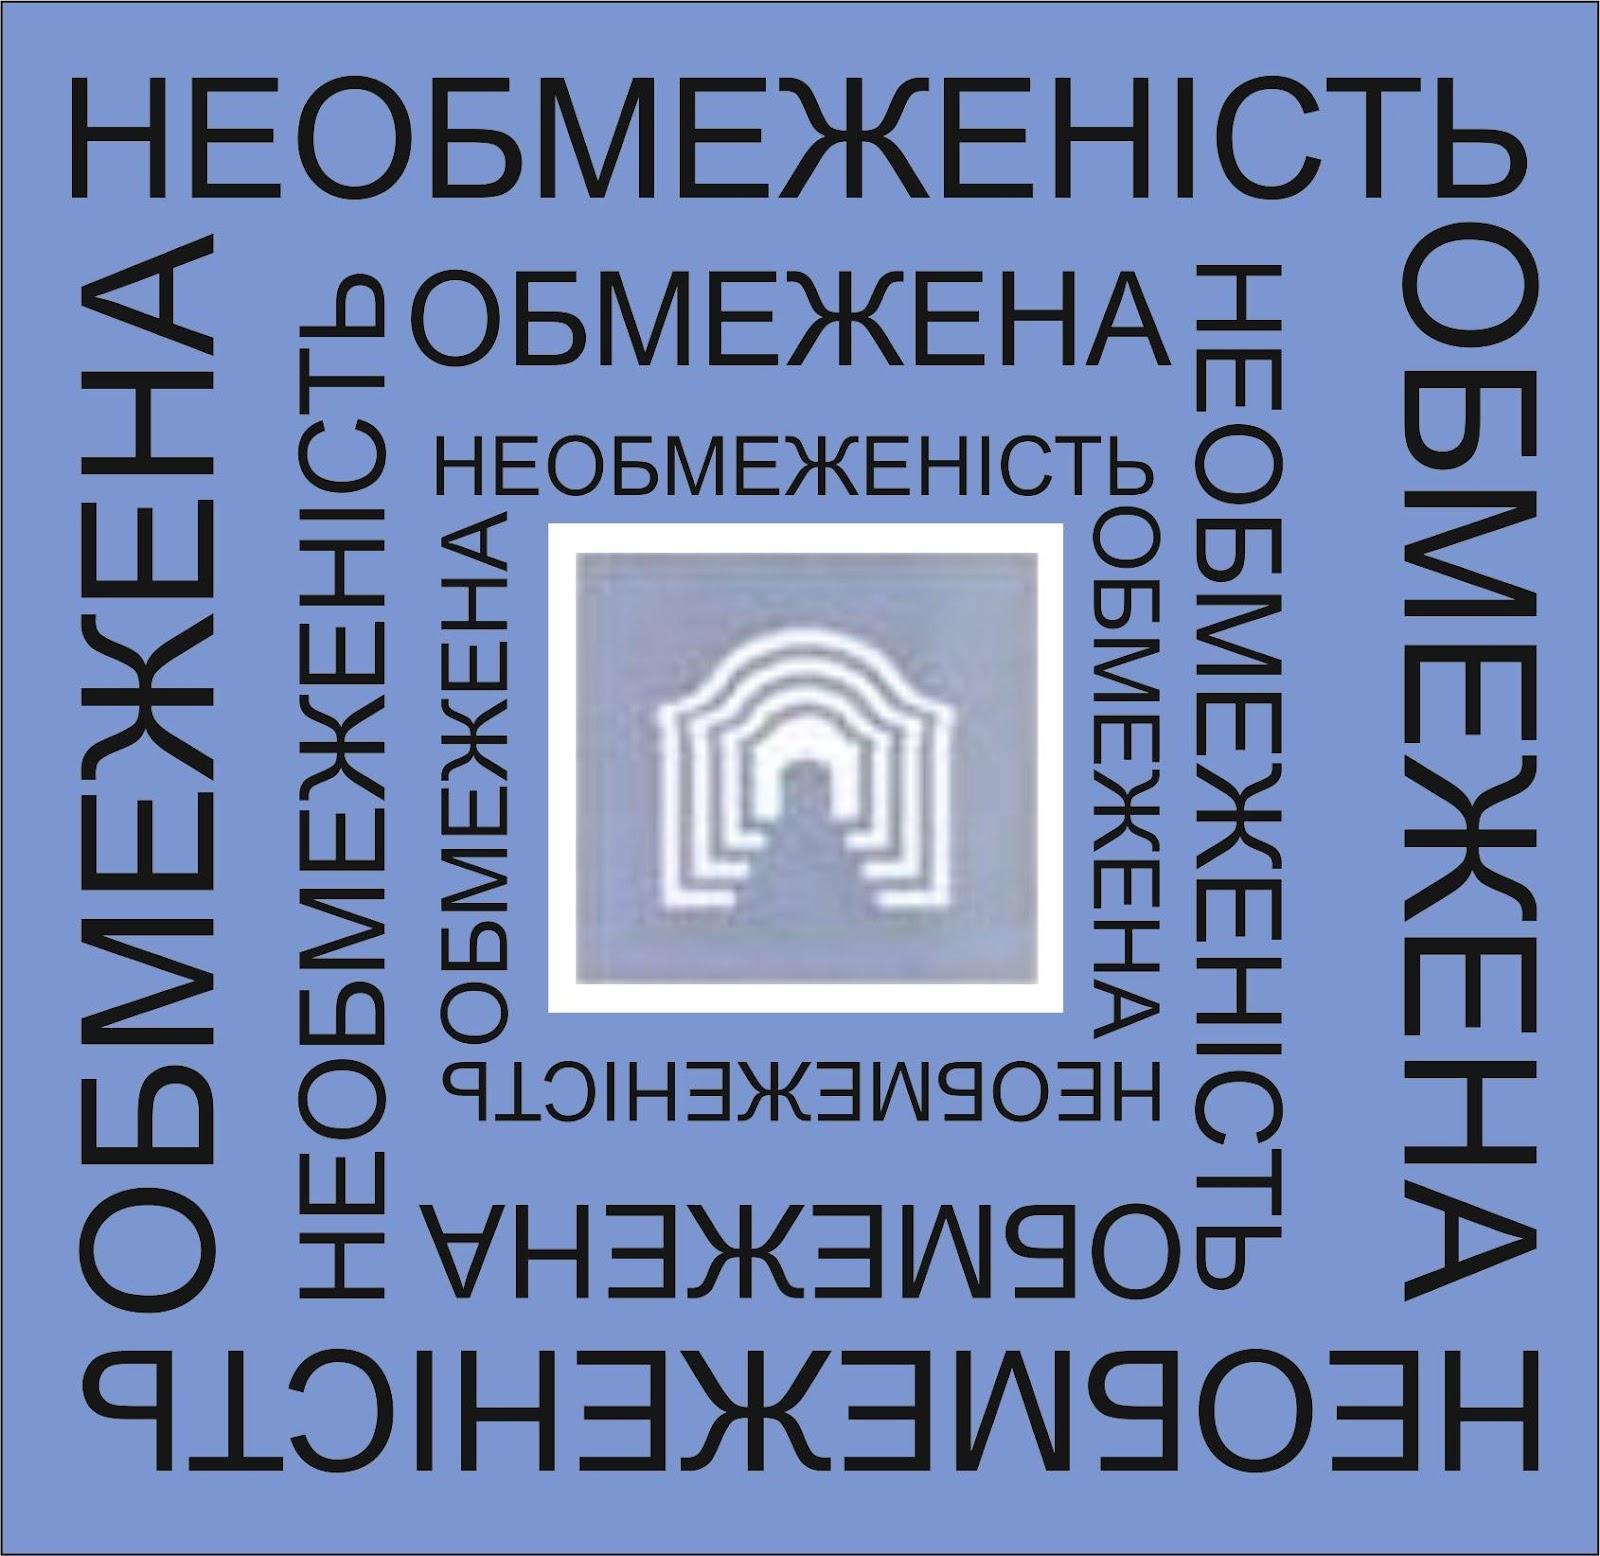 D:MAMAфакультет образотворчого мистецтвастудентська виставка М. Львів4.jpg